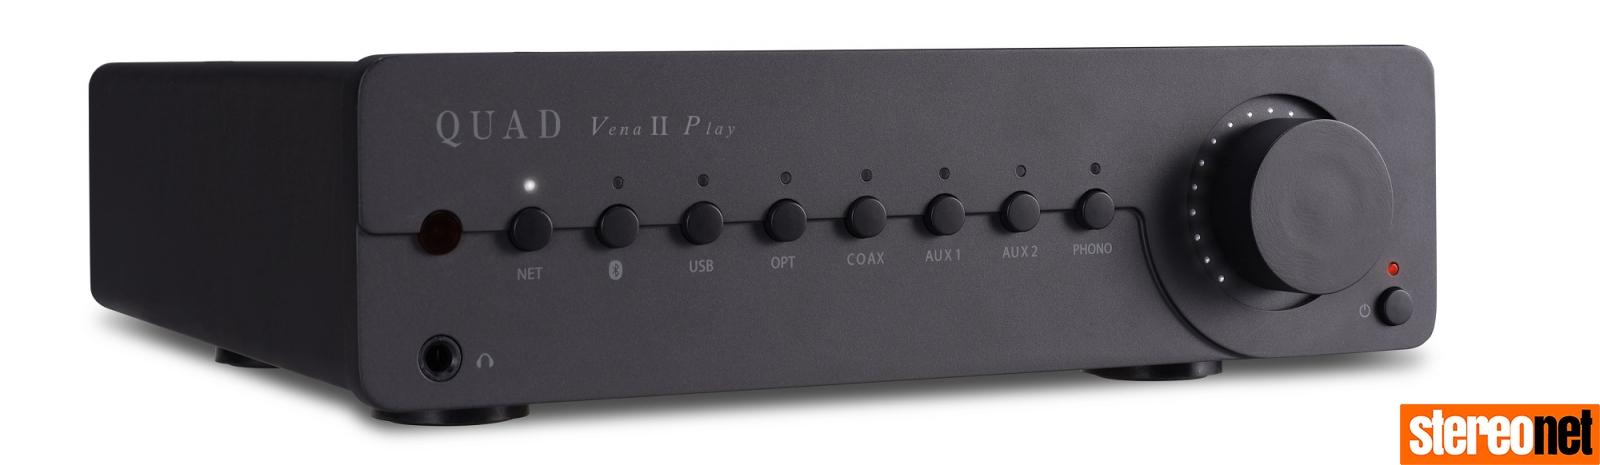 Quad Vena II Play